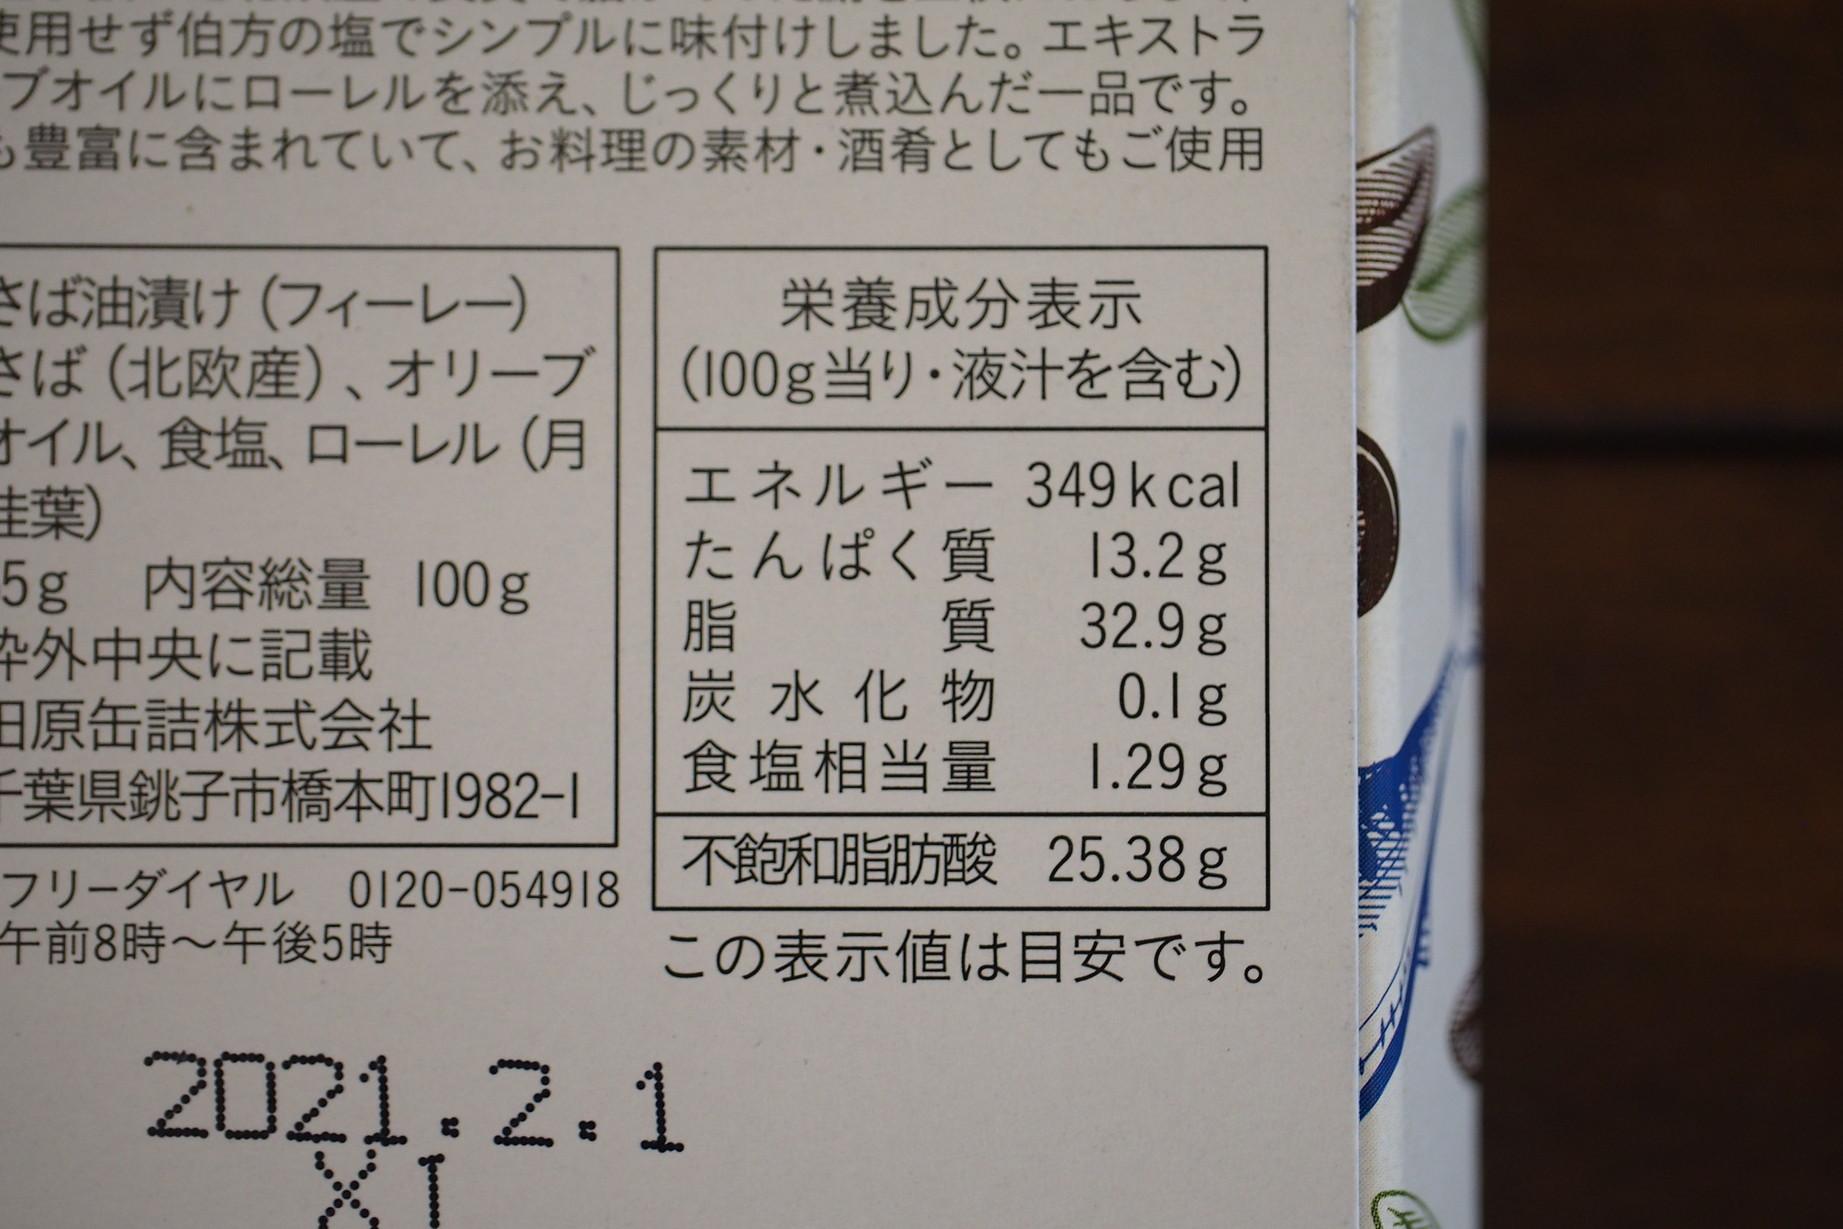 田原缶詰 ちょうした 鯖のオイル漬け~ローレルの香り~は不飽和脂肪酸も非常に豊富な健康食です